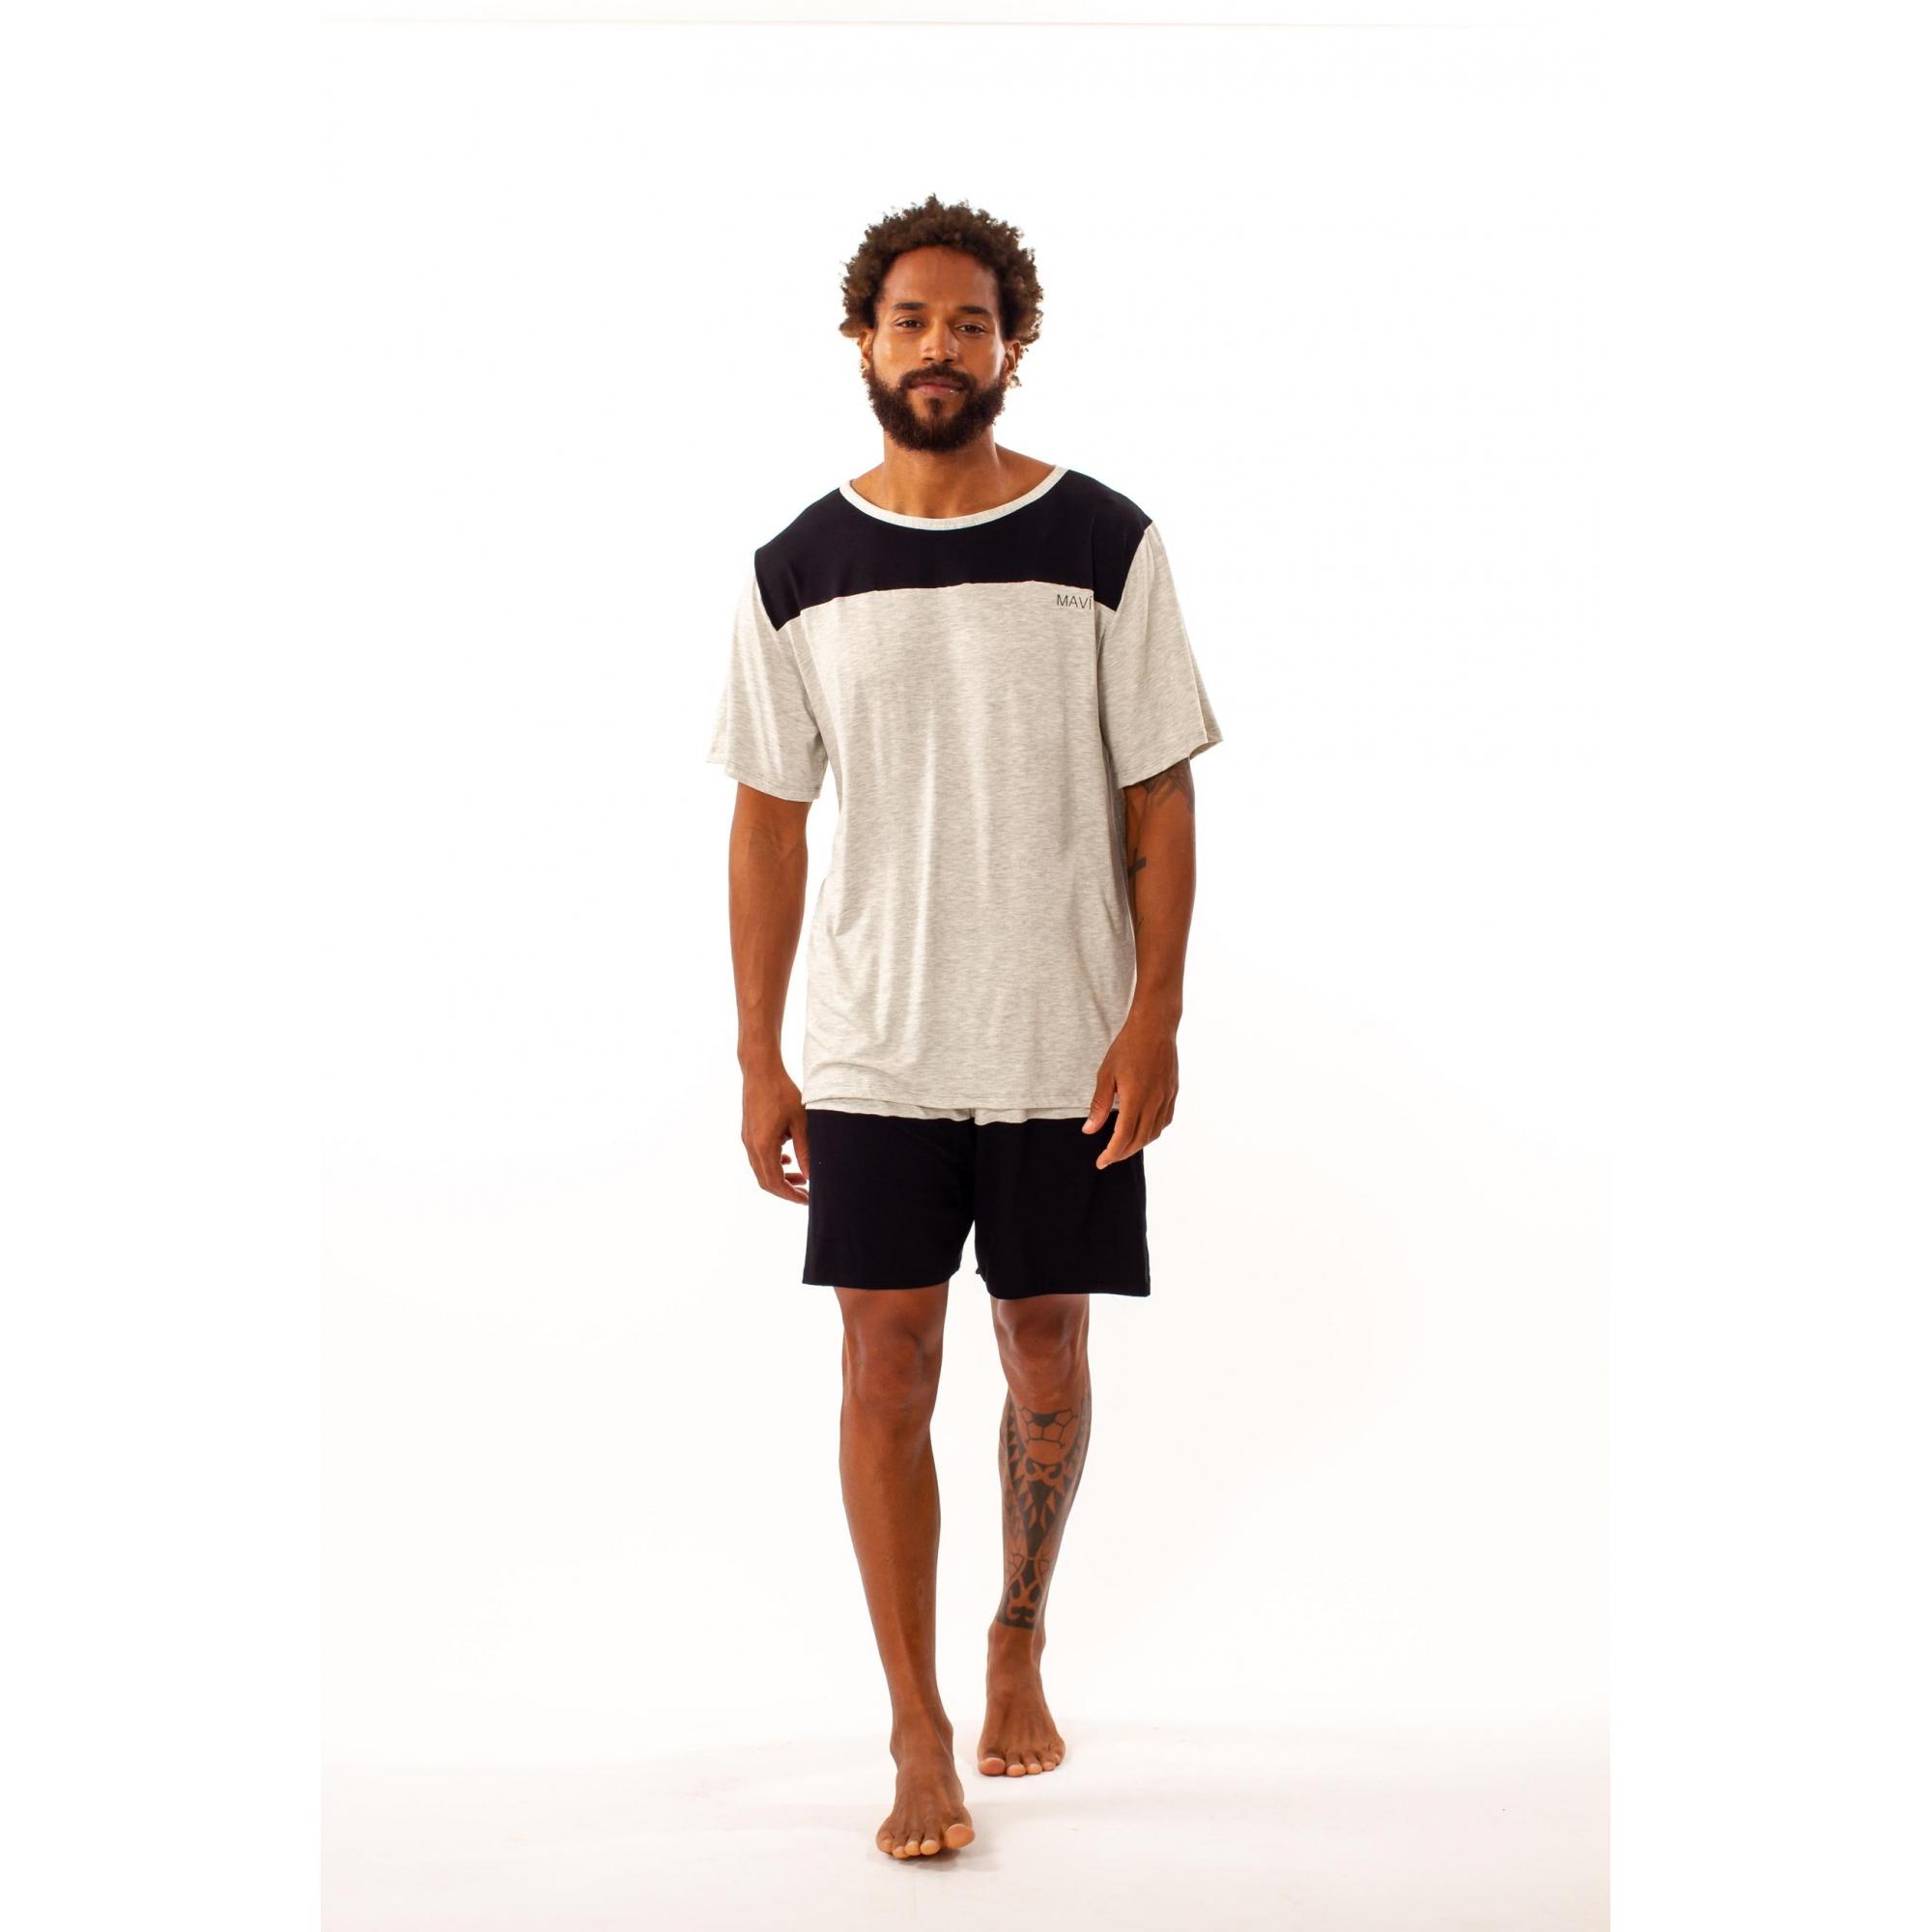 Pijama masculino em viscose - 11